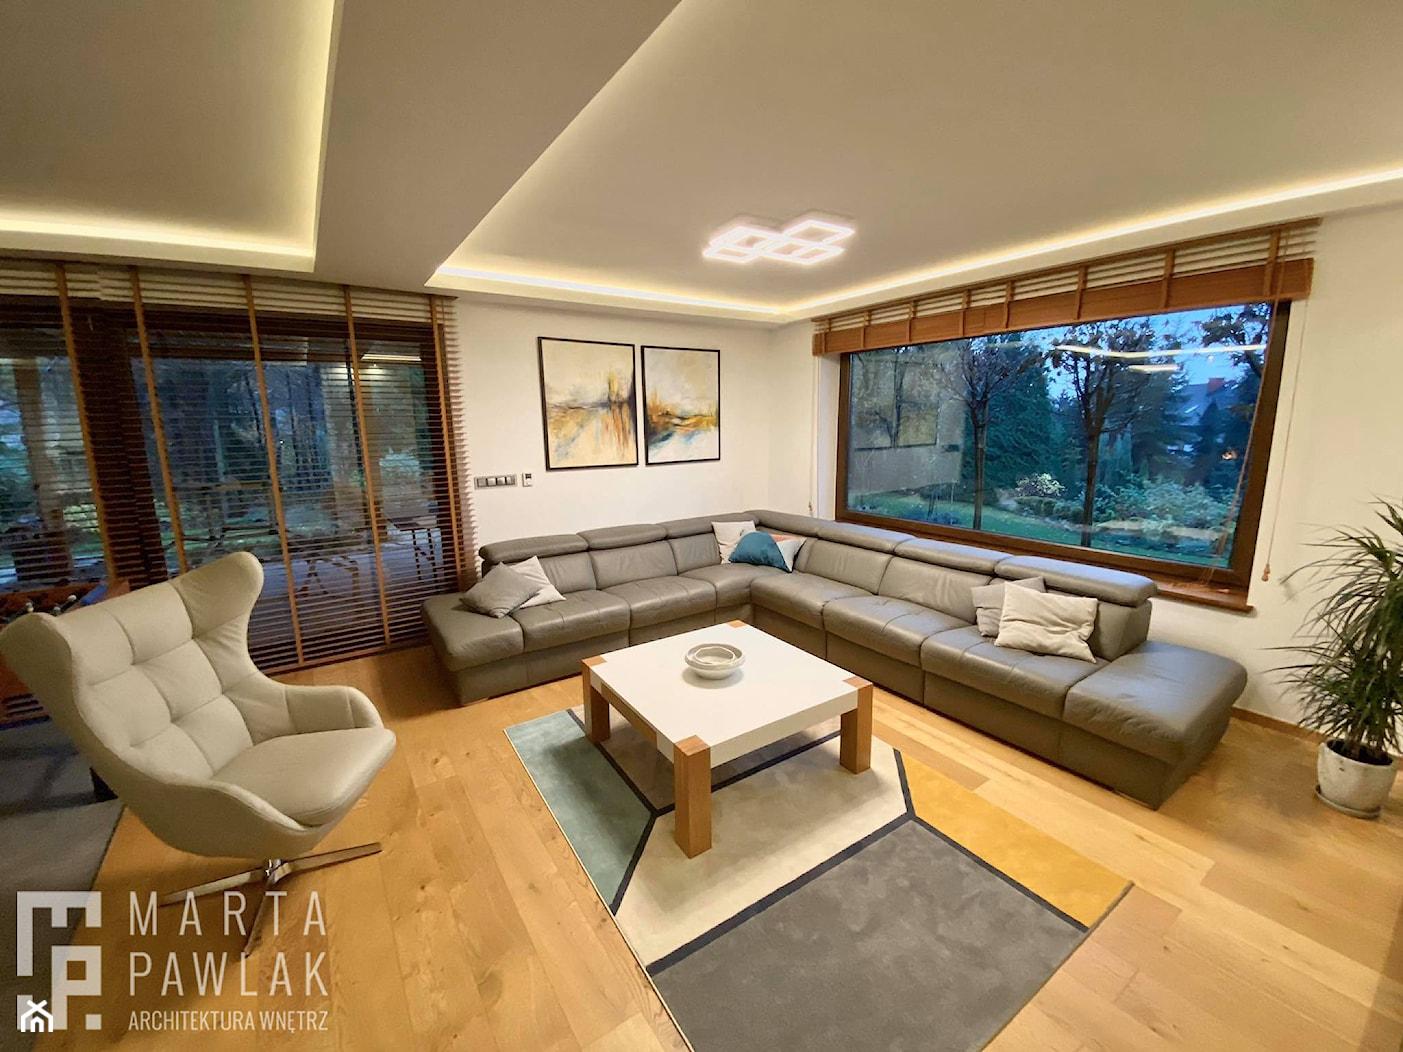 Dom Jednorodzinny w Pogórzu - Realizacja - Salon, styl nowoczesny - zdjęcie od MARTA PAWLAK ARCHITEKTURA WNĘTRZ - Homebook